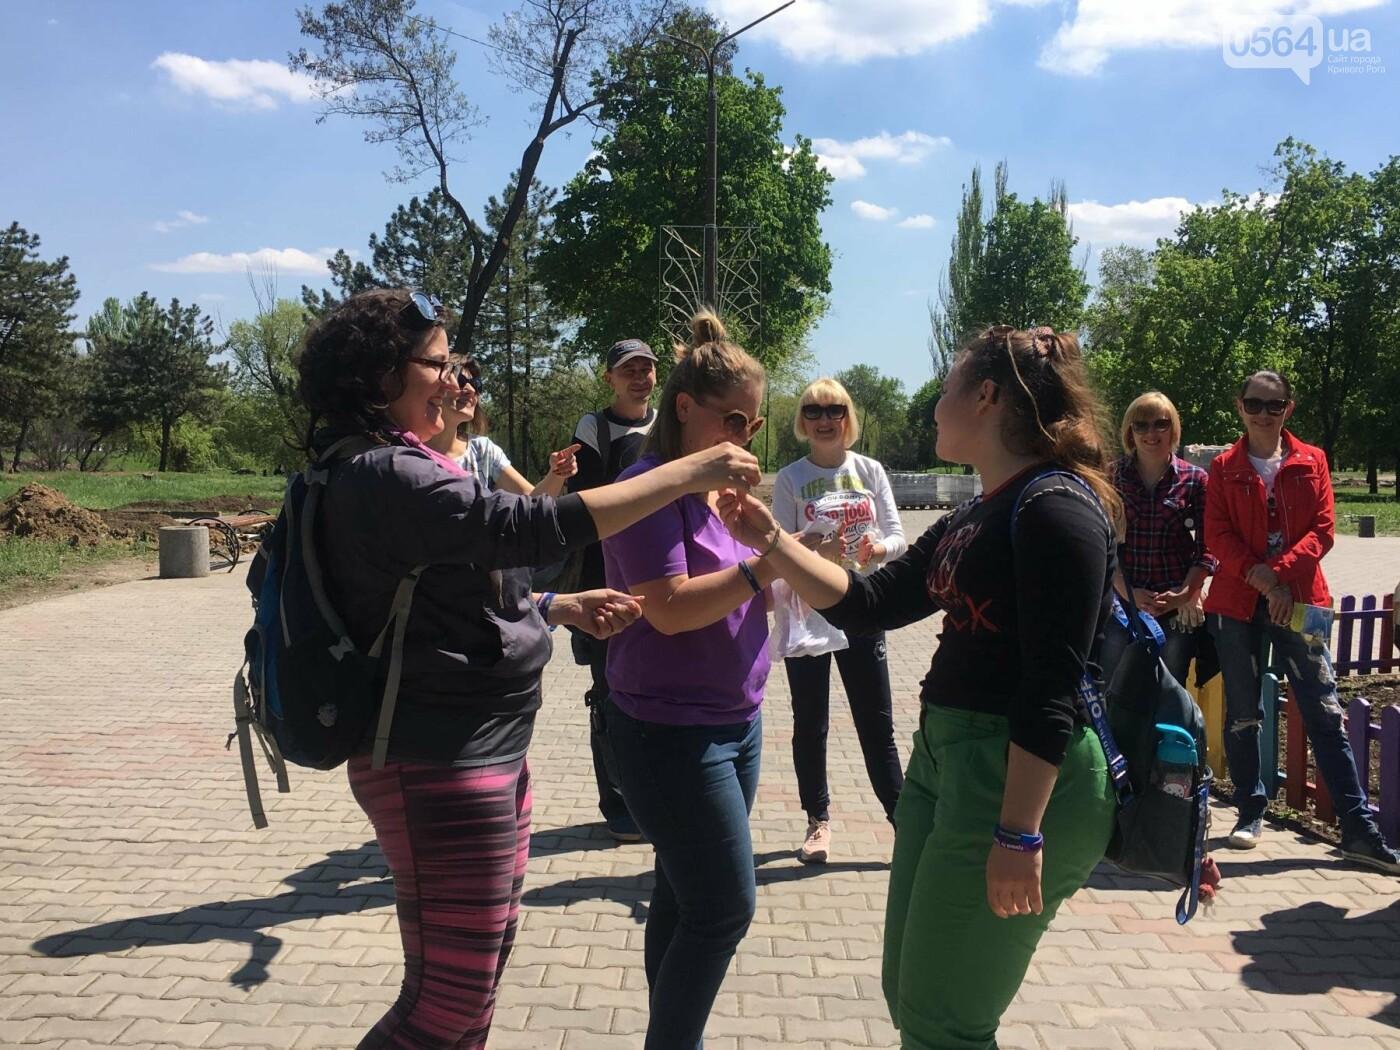 """""""В Европу без мусора!"""": криворожане помогли подготовить парк к Еврофесту (ФОТО), фото-34"""